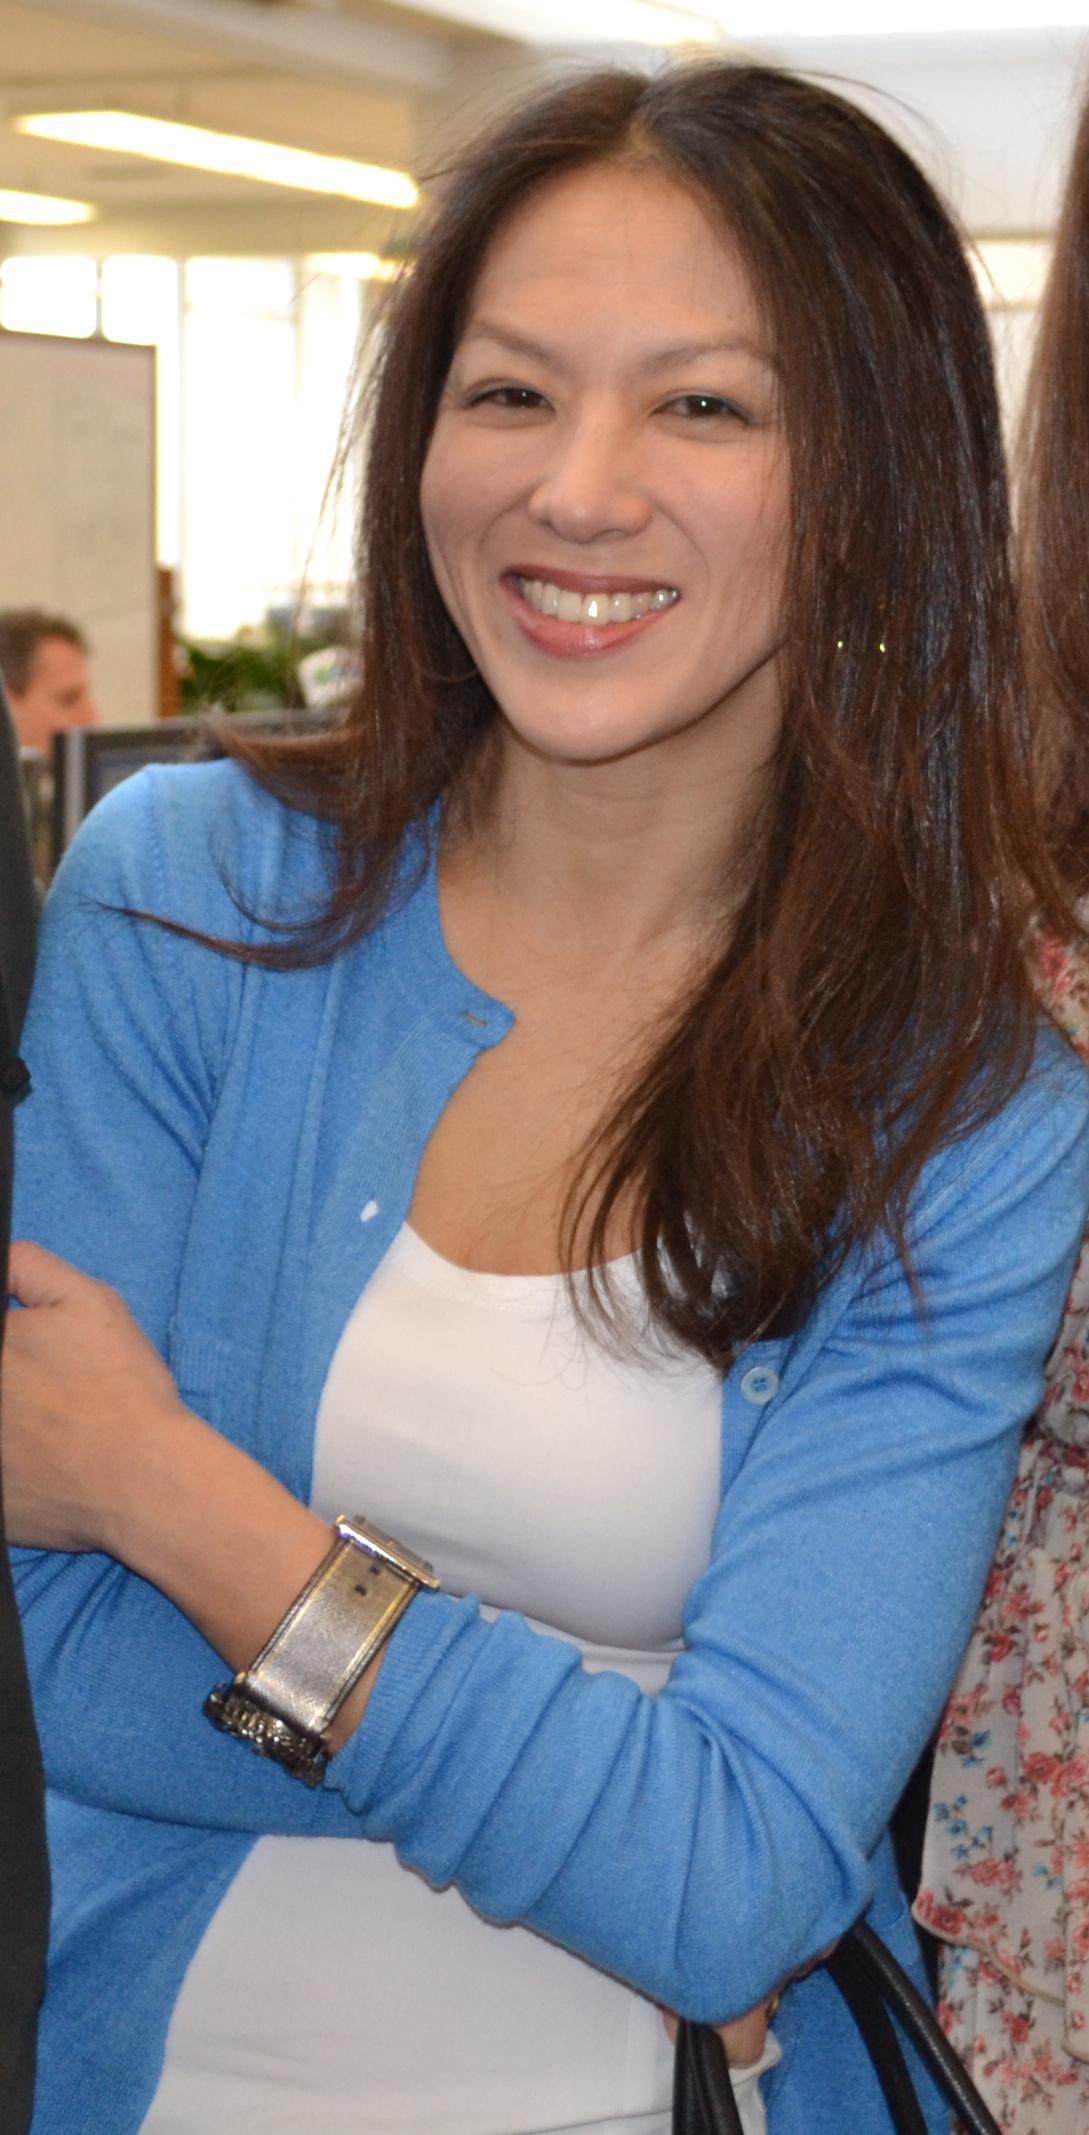 Chua in 2011